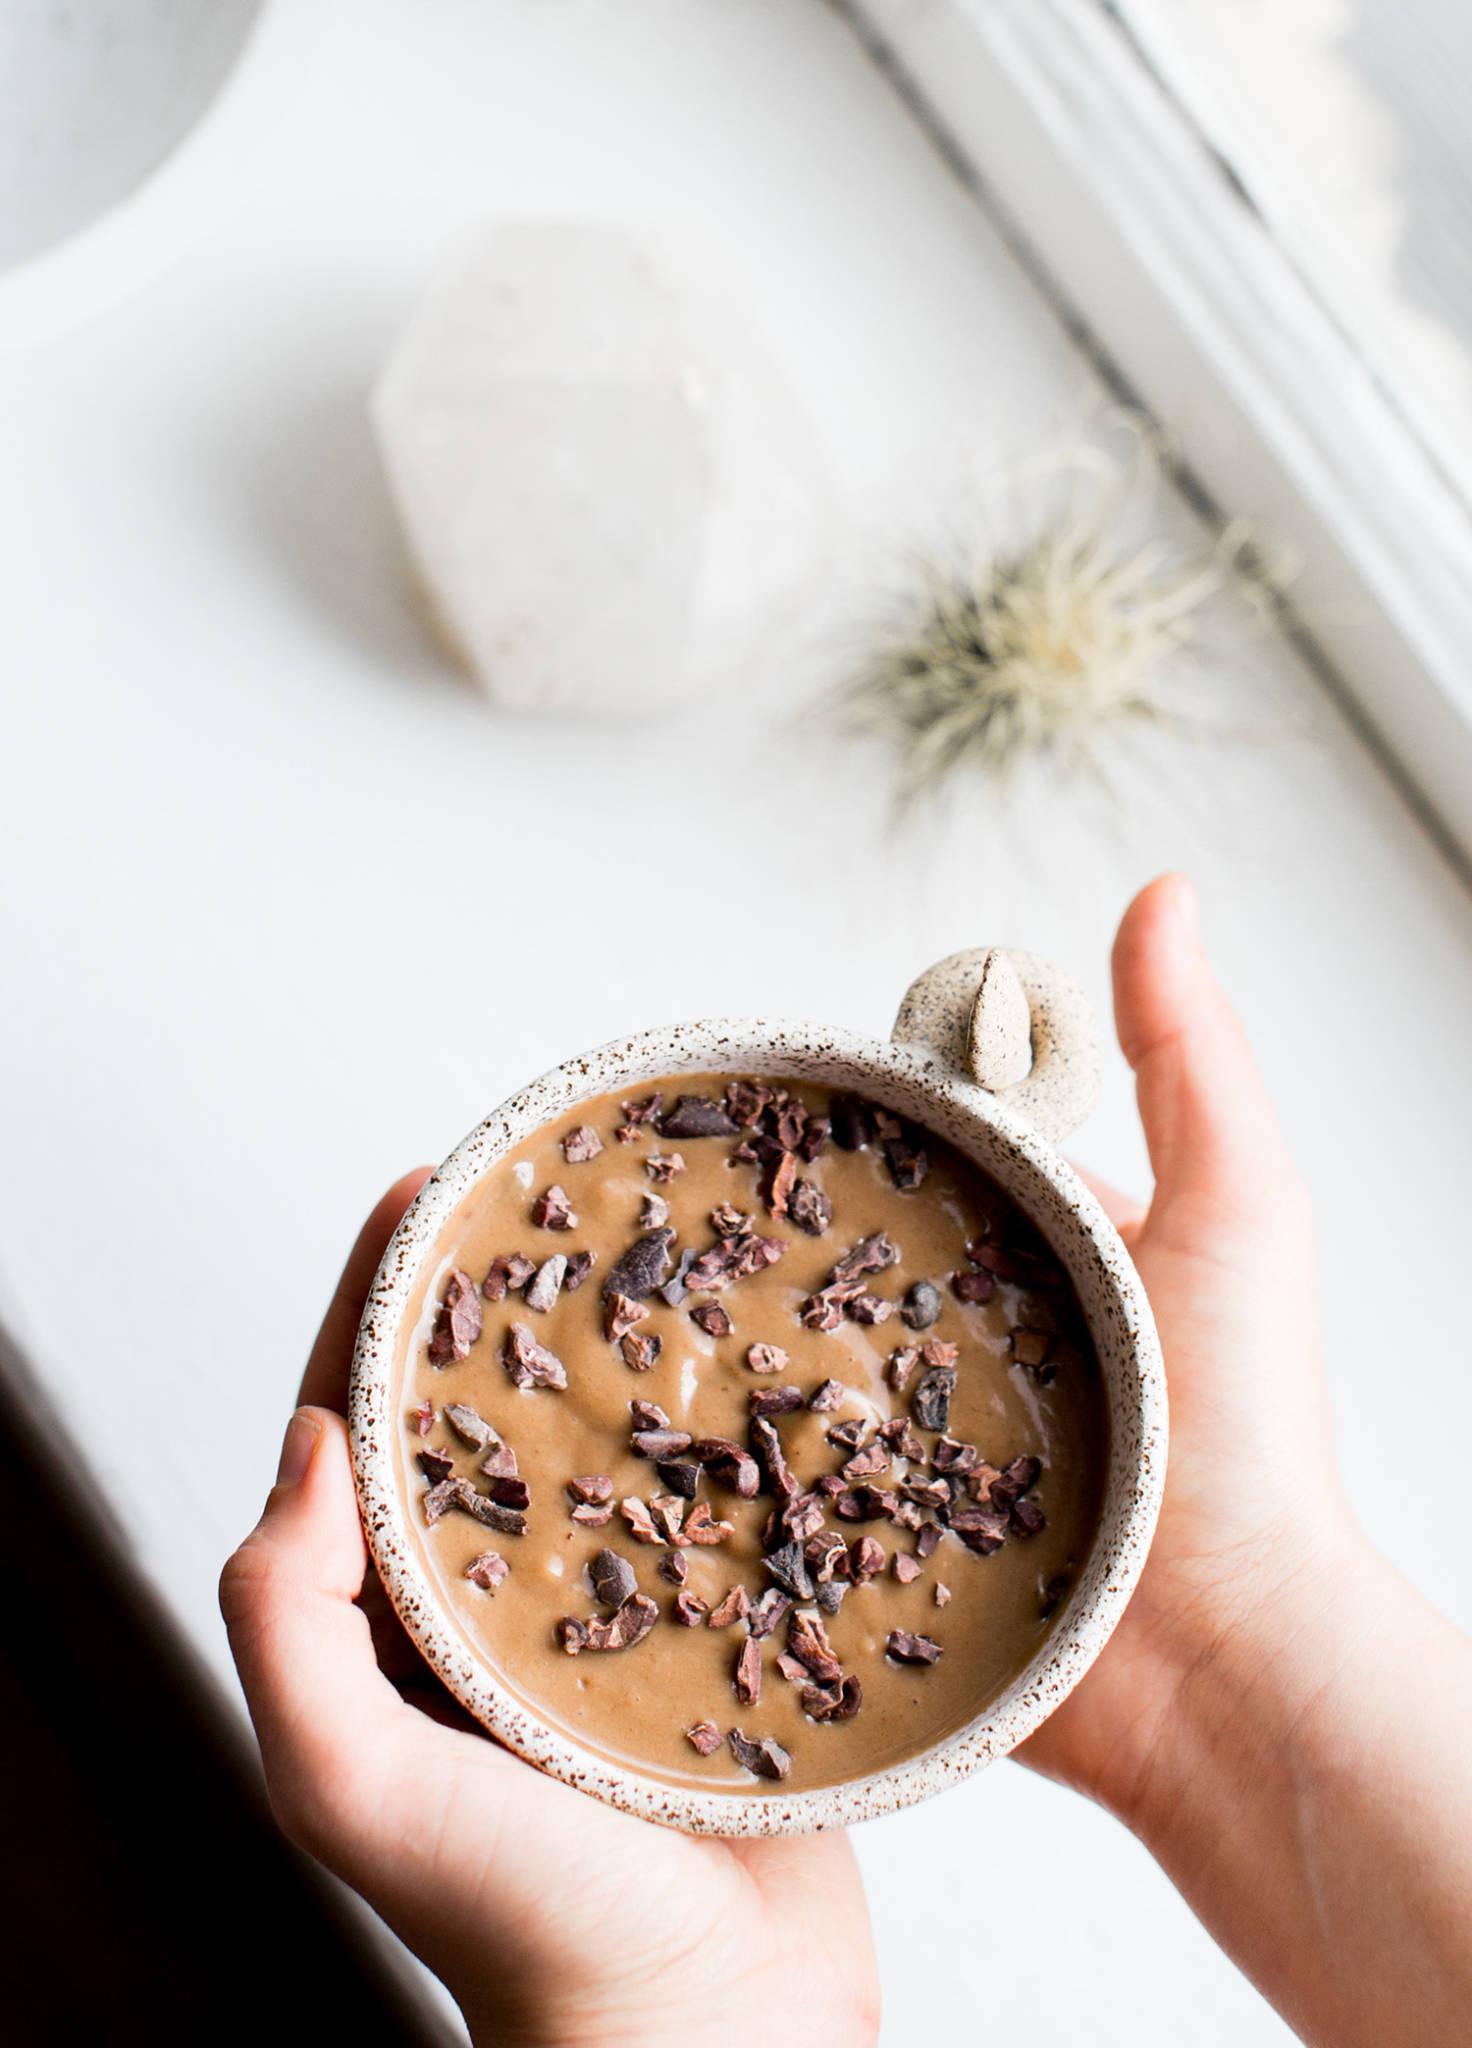 Spring Detox Smoothie Recipe with Maca & Cacao